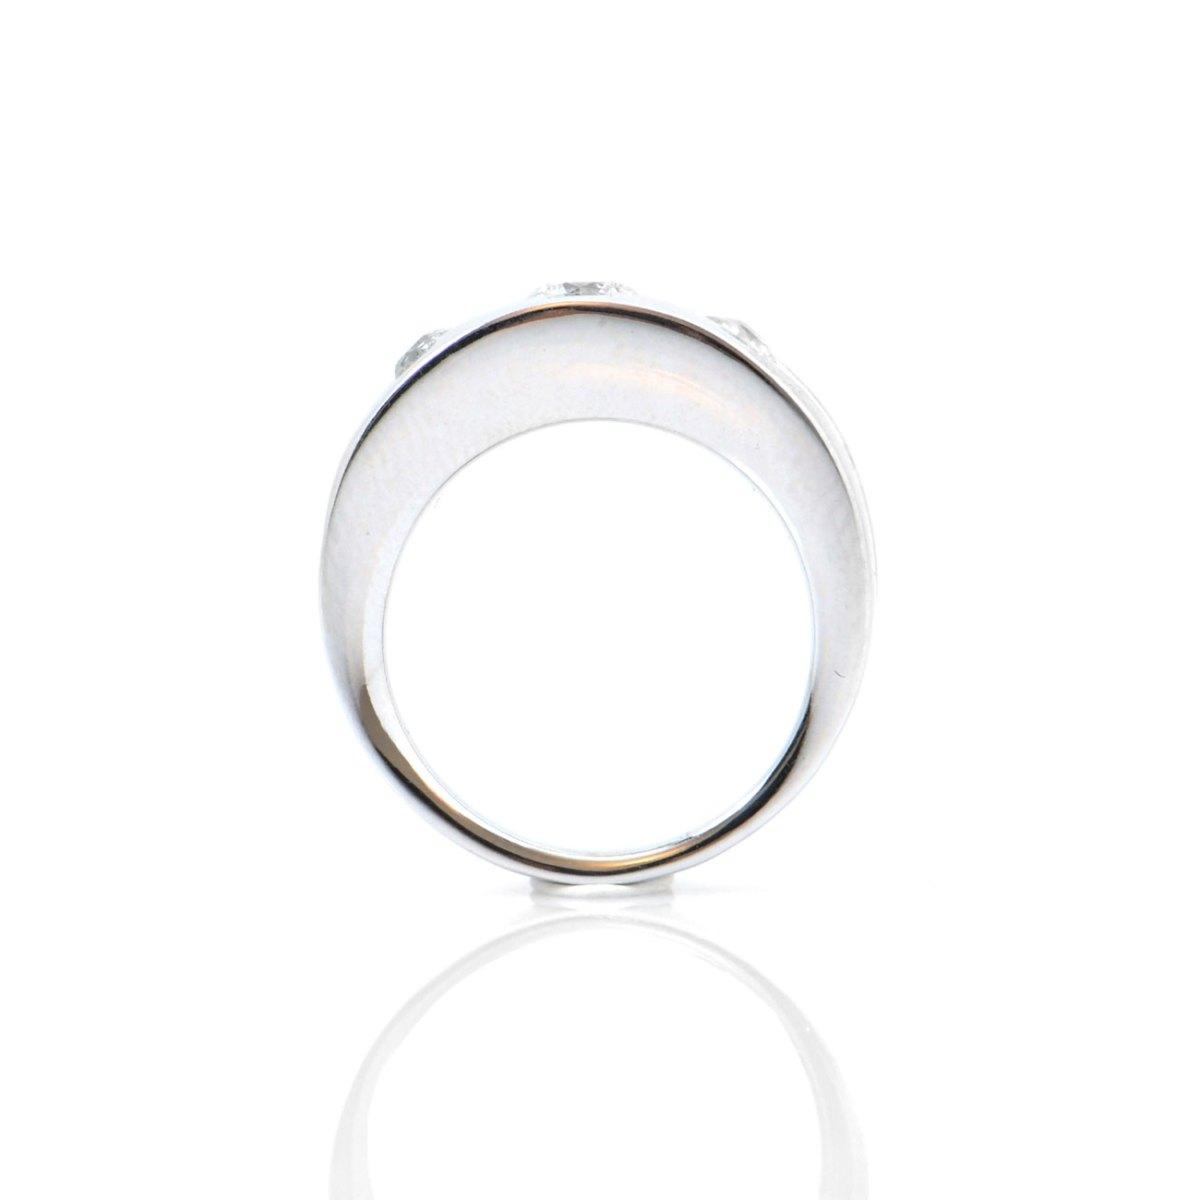 Bague Trilogie diamants 0,83ct sertis rail sur monture or blanc 750‰, Taille 54 | Réf. BA-B18215 | EVENOR Joaillerie • Bijoux Vintage et d'occasion